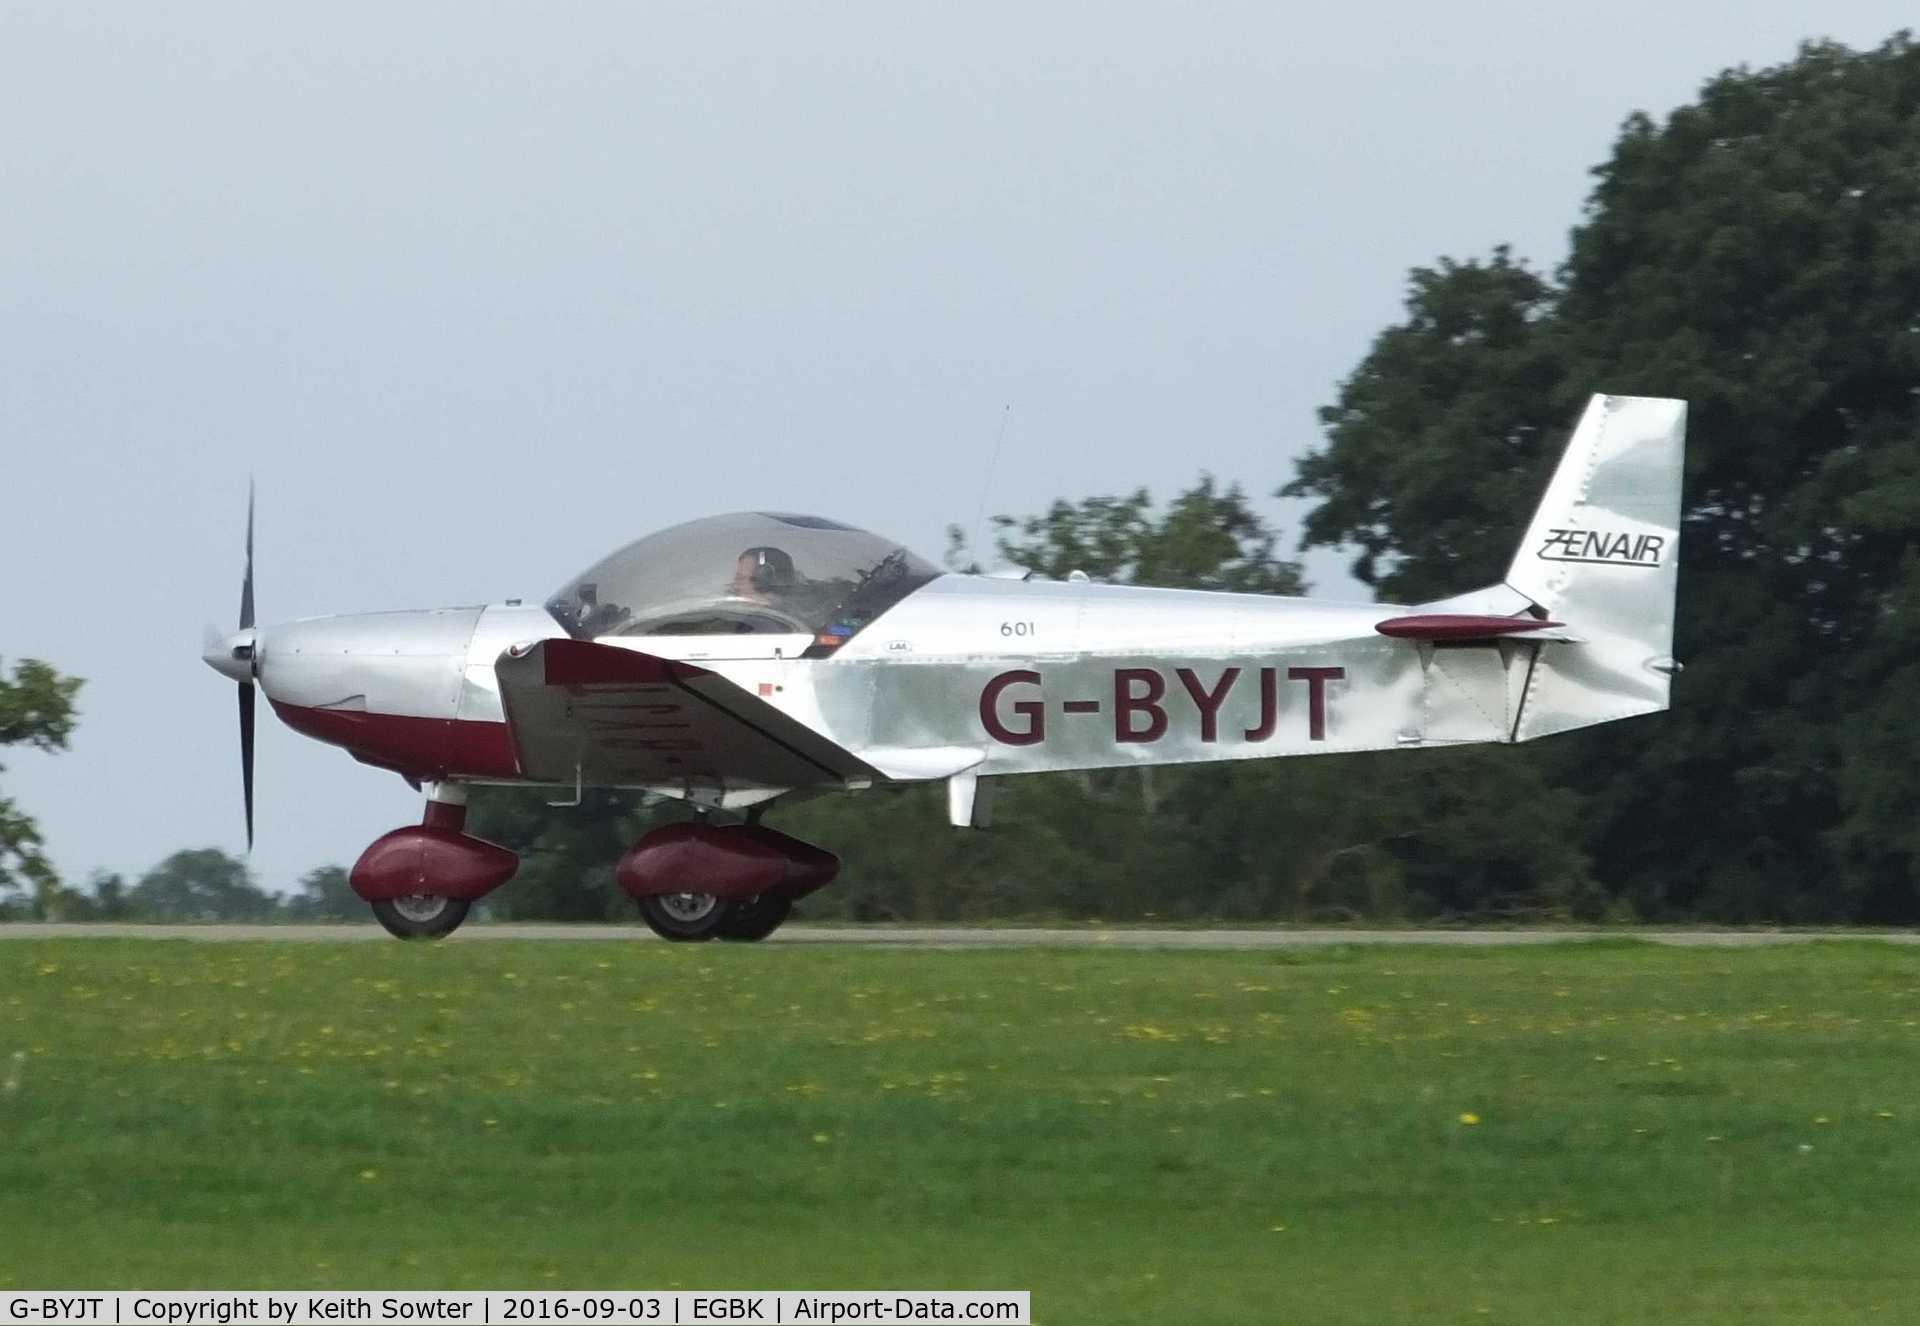 G-BYJT, 1999 Zenair CH-601HD C/N PFA 162-13130, LAA Fly-In